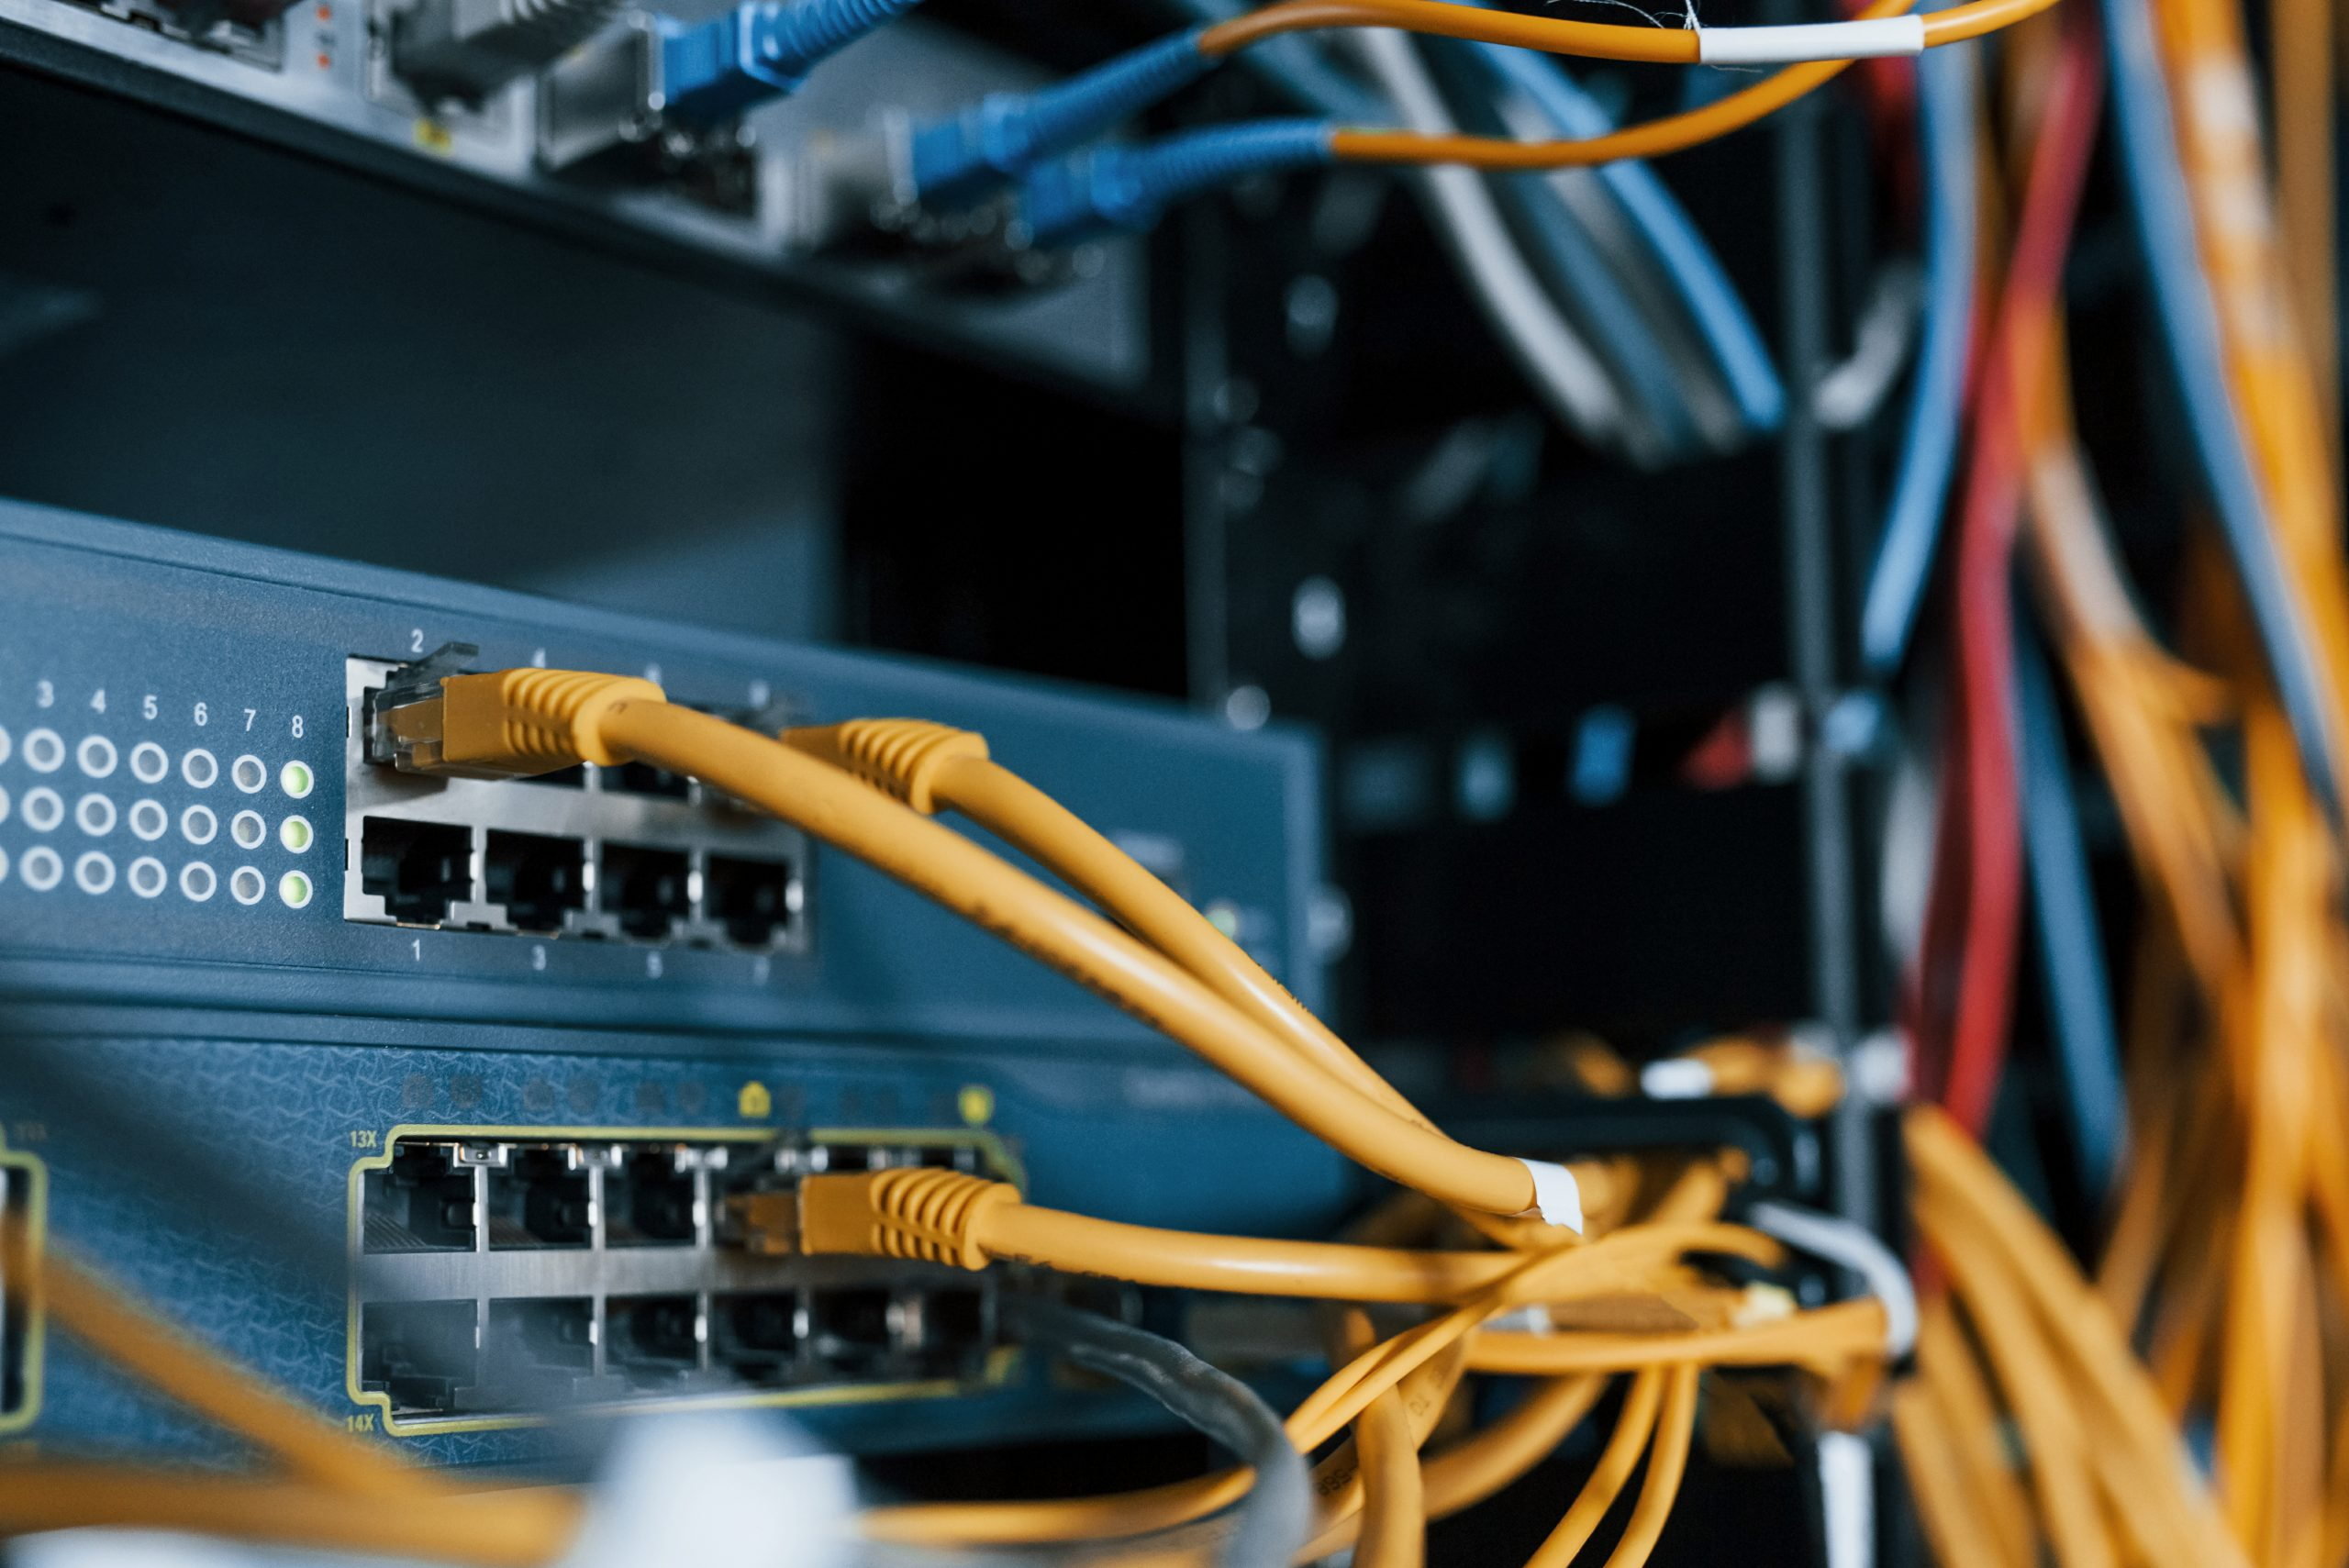 replacing servers